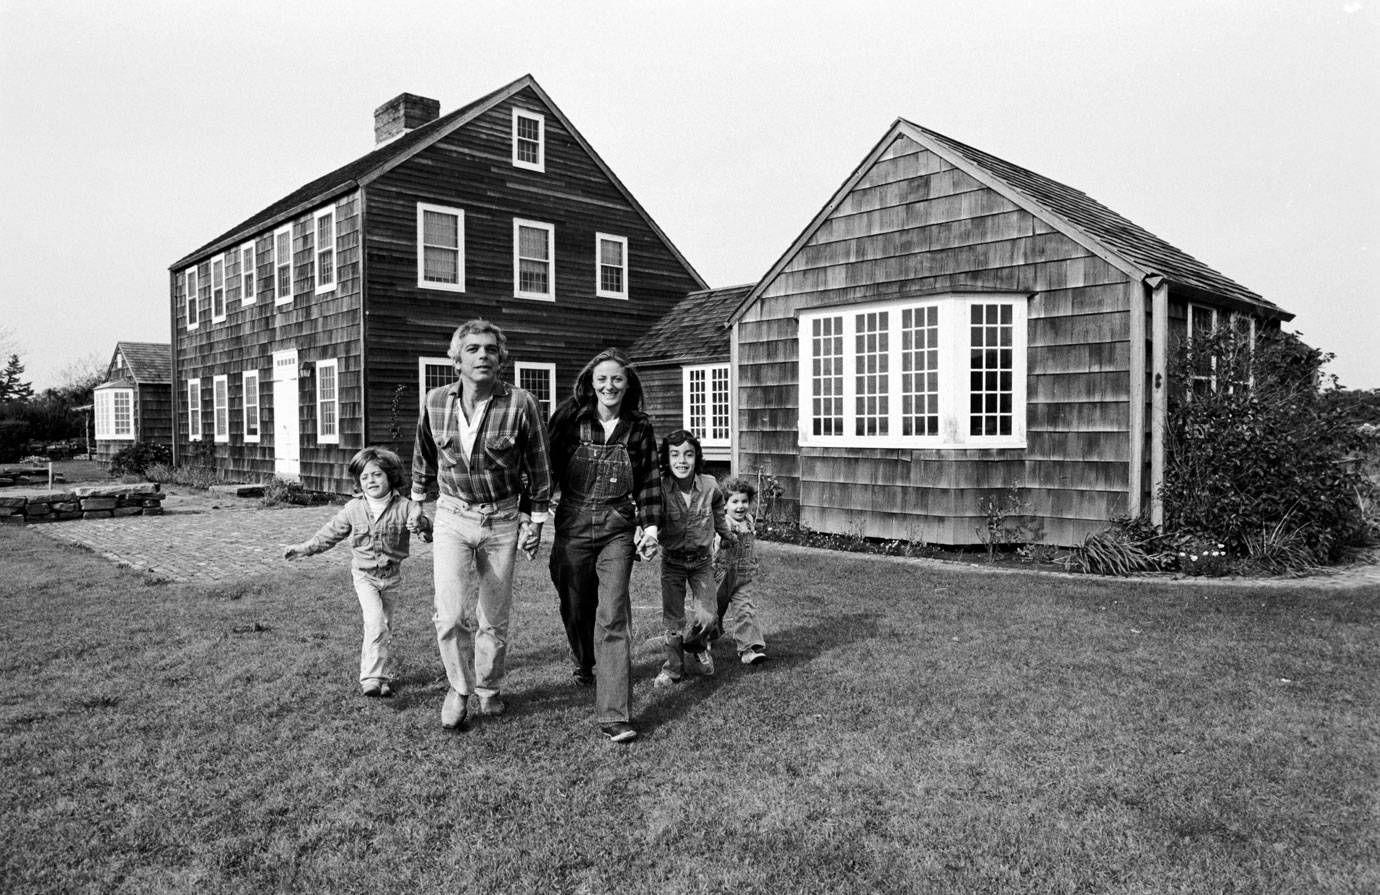 Casa da família Ralph Lauren